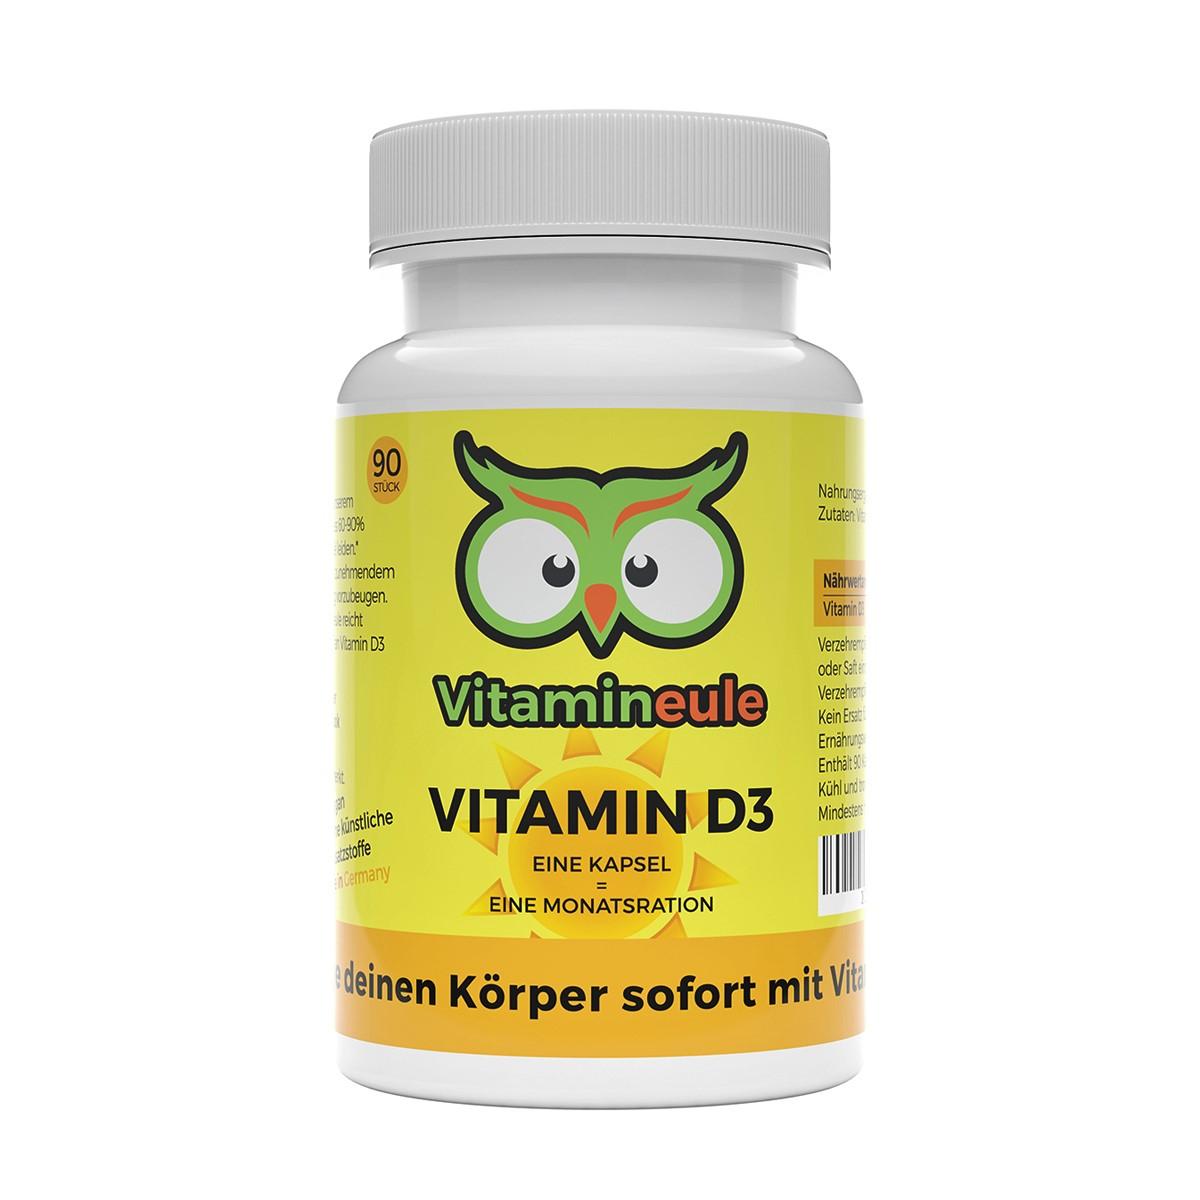 Vitamin D3 Kapseln von Vitamineule